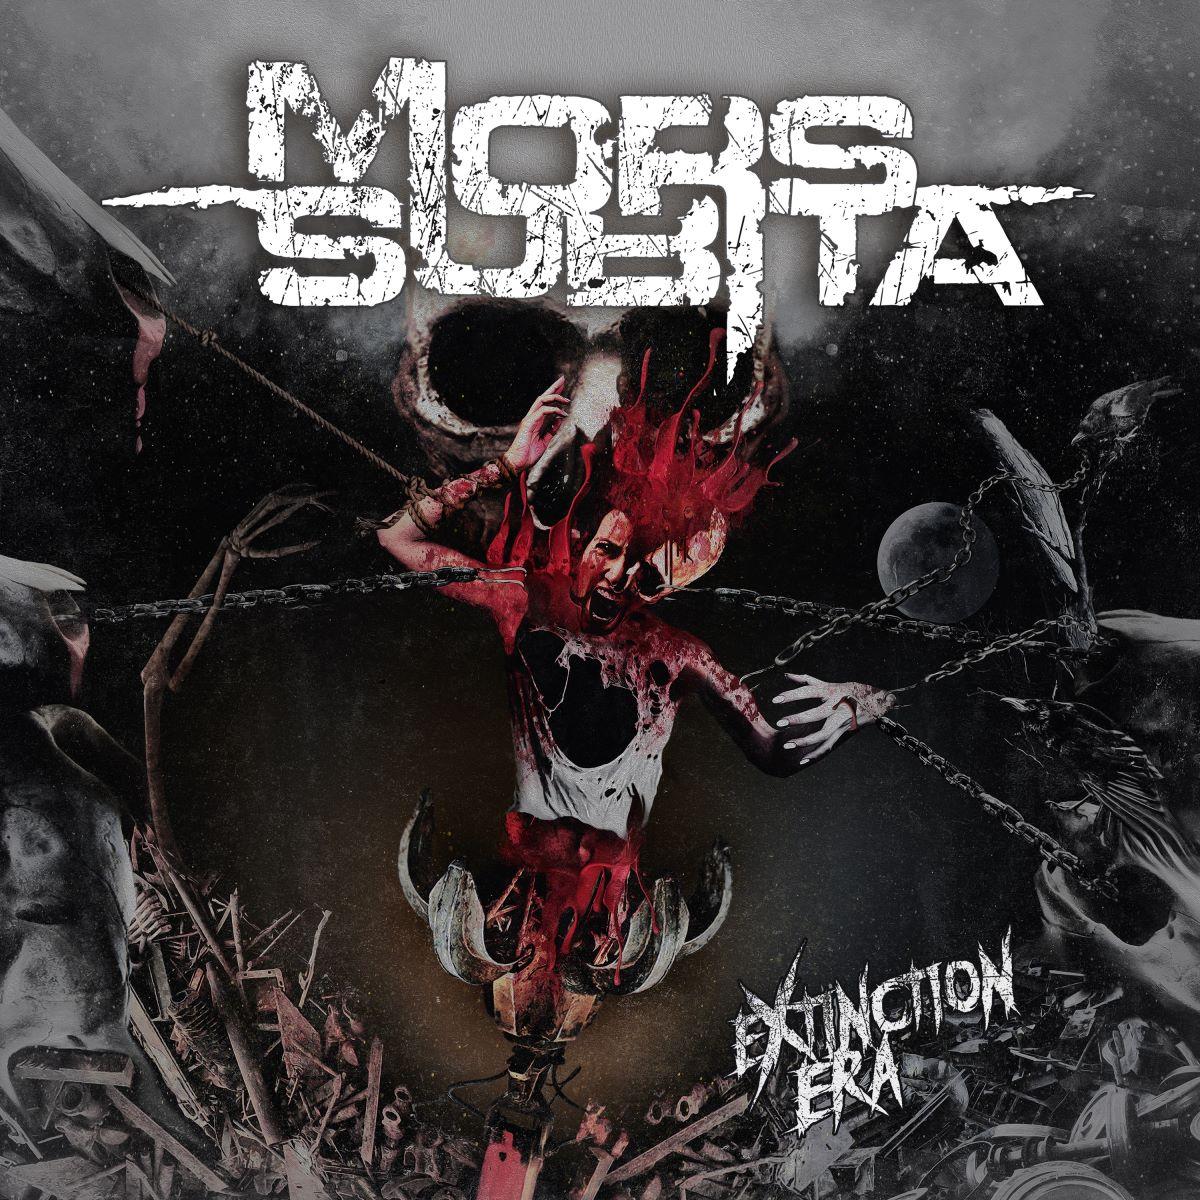 Mors Subita - Extinction Era - album cover